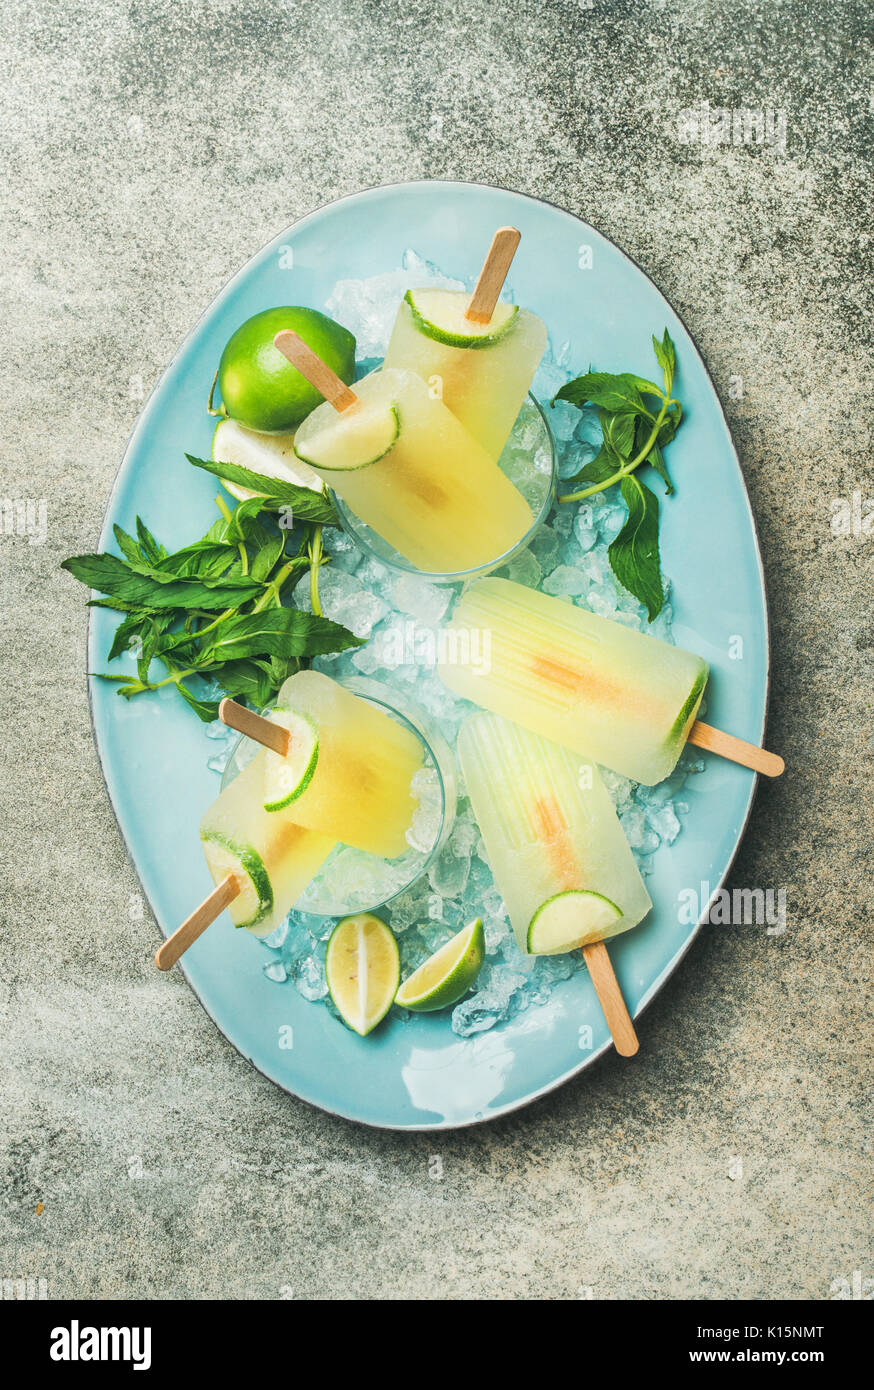 Estate rinfrescante limonata popsicles con lime e menta su piastra Immagini Stock